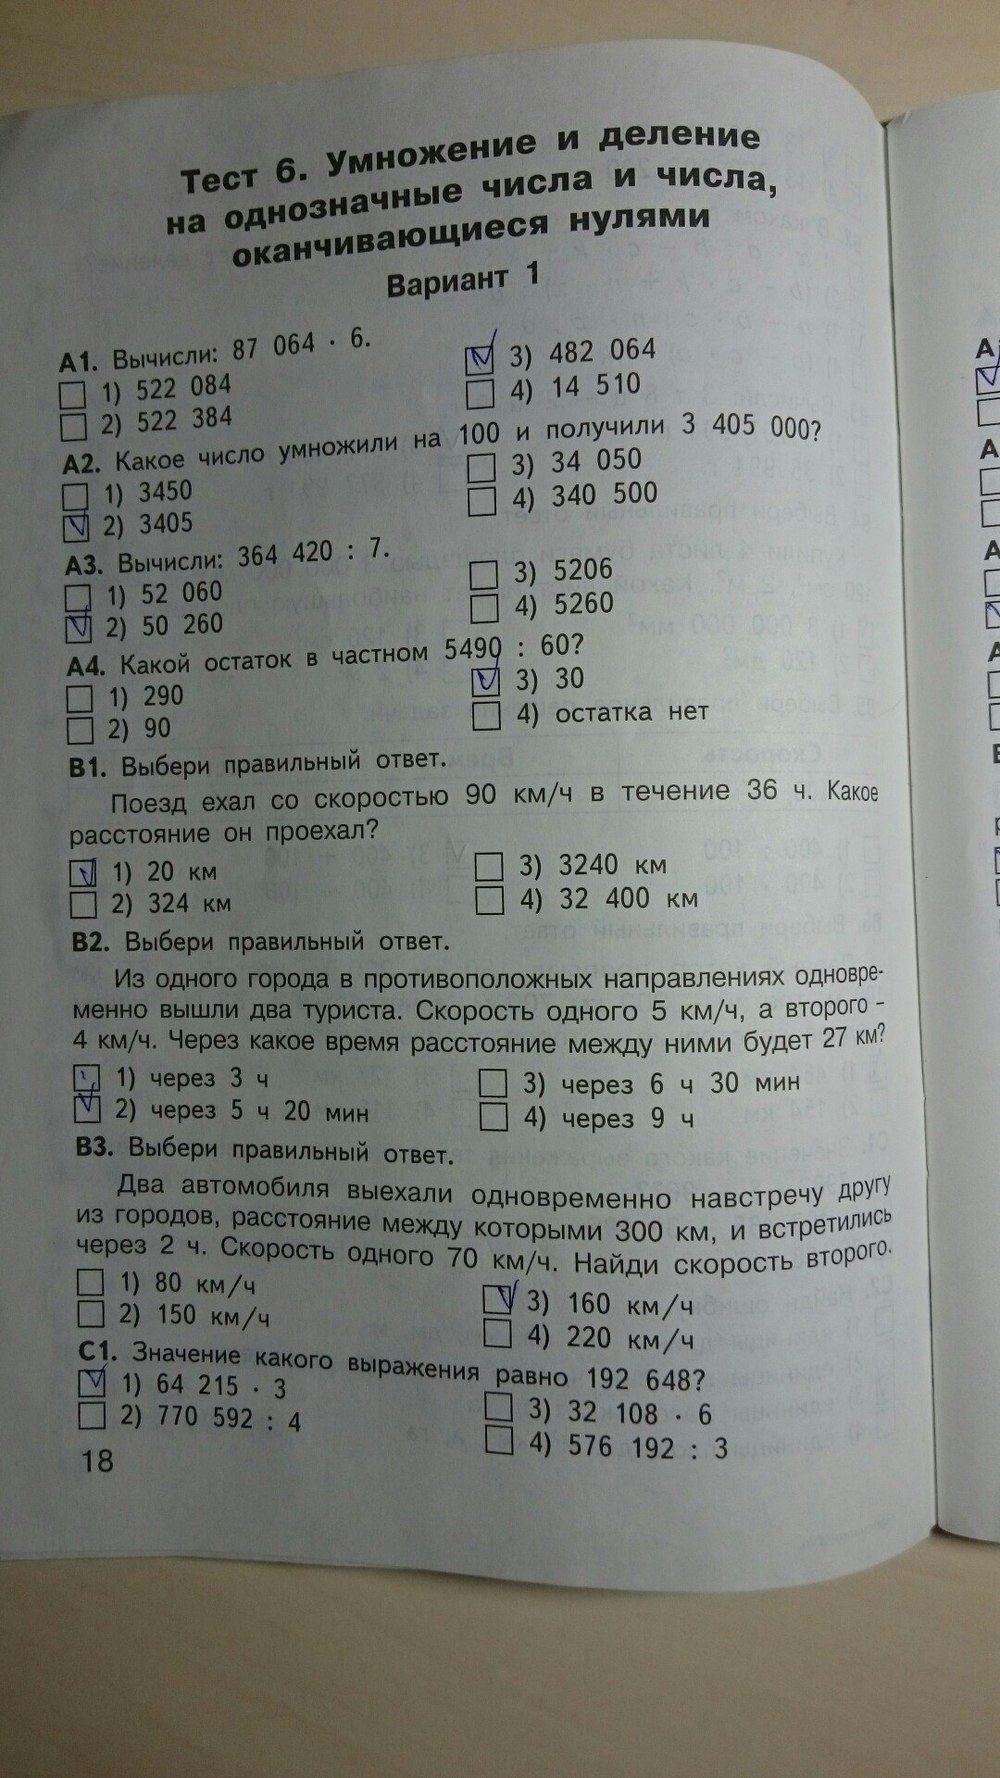 Учебник информатики 10 класс скачать угринович.